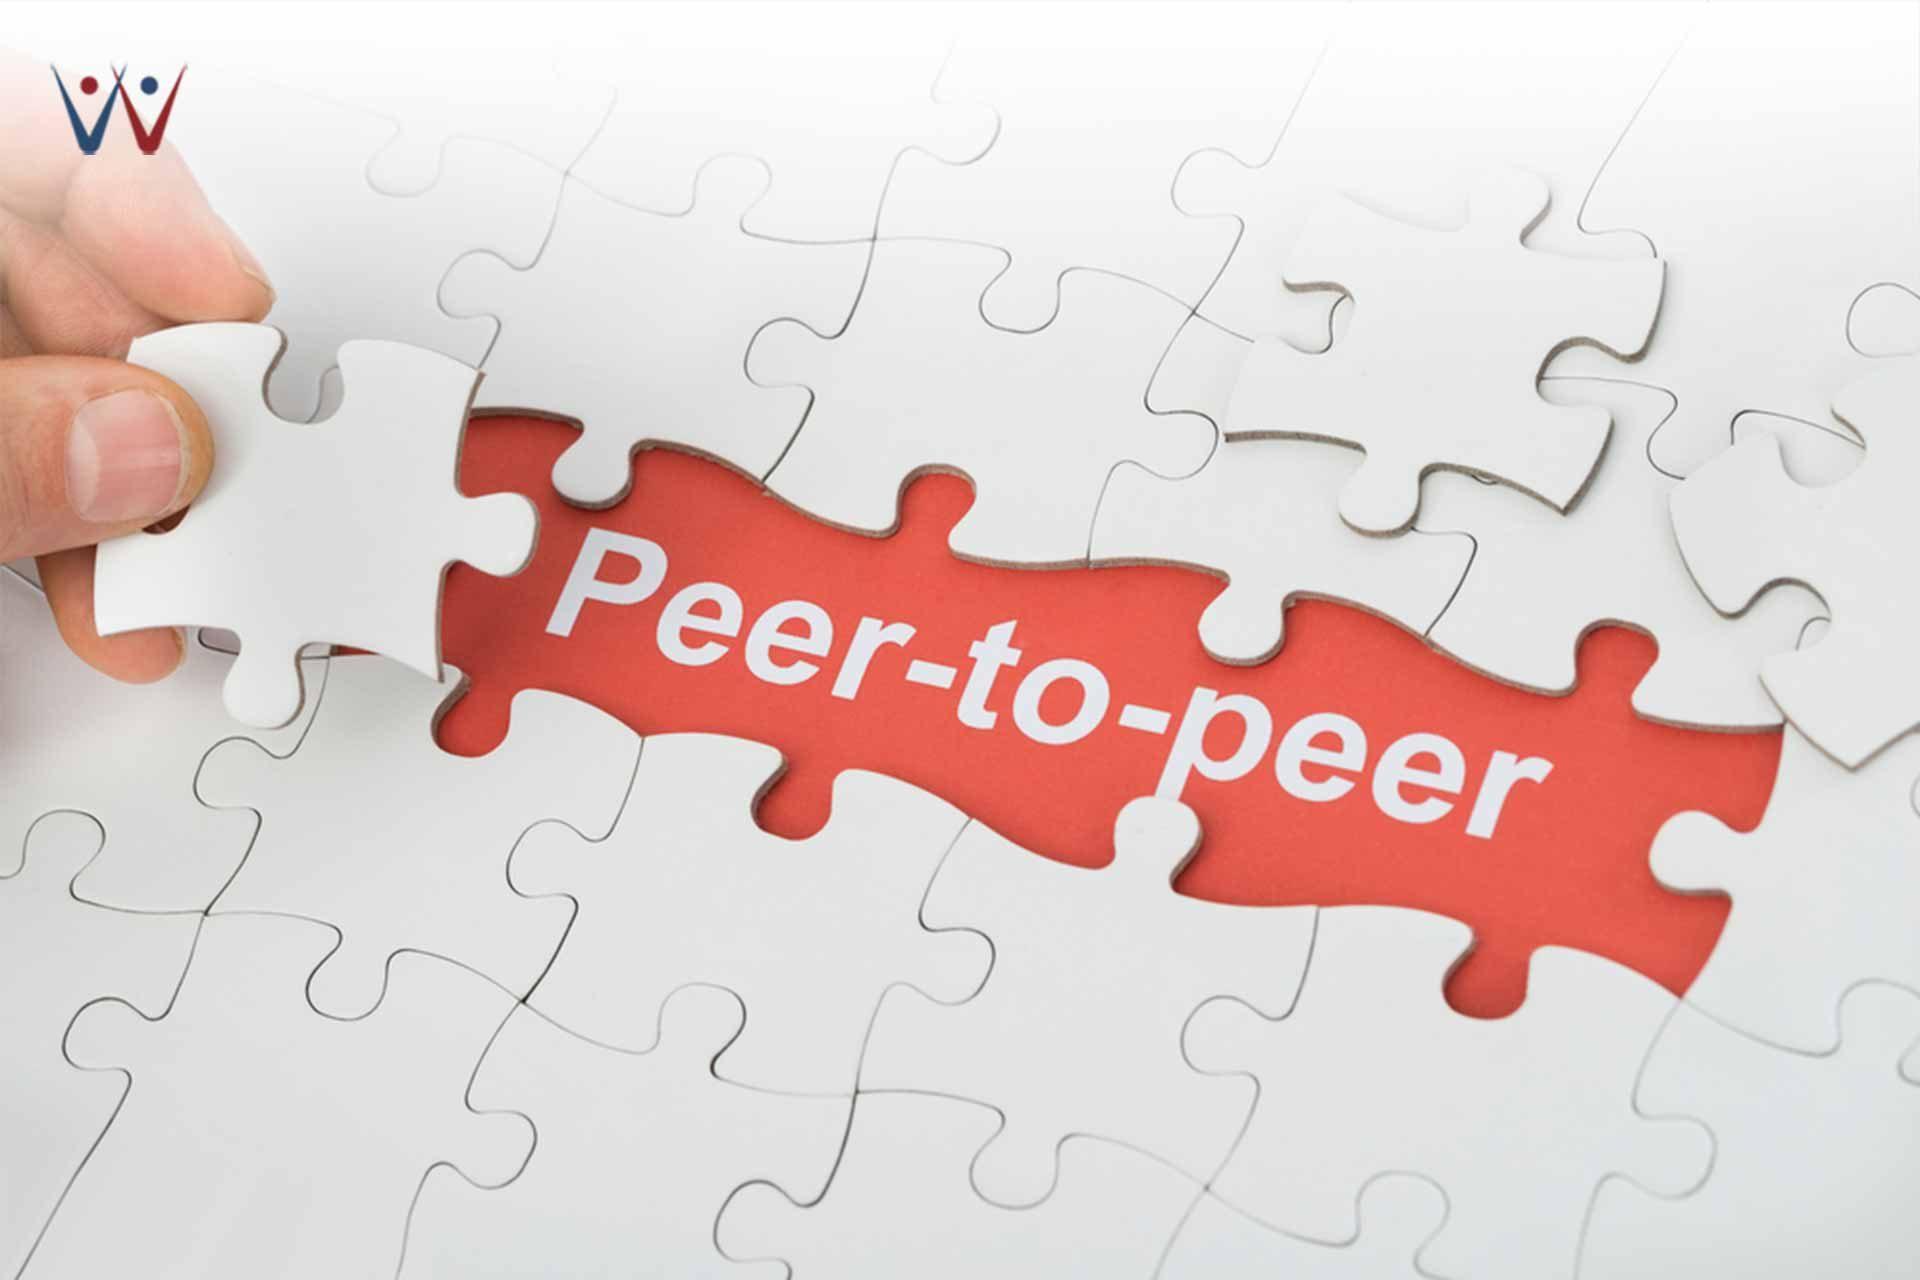 peer to peer lending-Ikuti Program Pensiun Pegawai-Membuat Rencana Anggaran Setiap Bulan - resolusi tahun baru-Bantu Pasangan Kamu untuk Mempersiapkan Dana Pensiun Yuk!